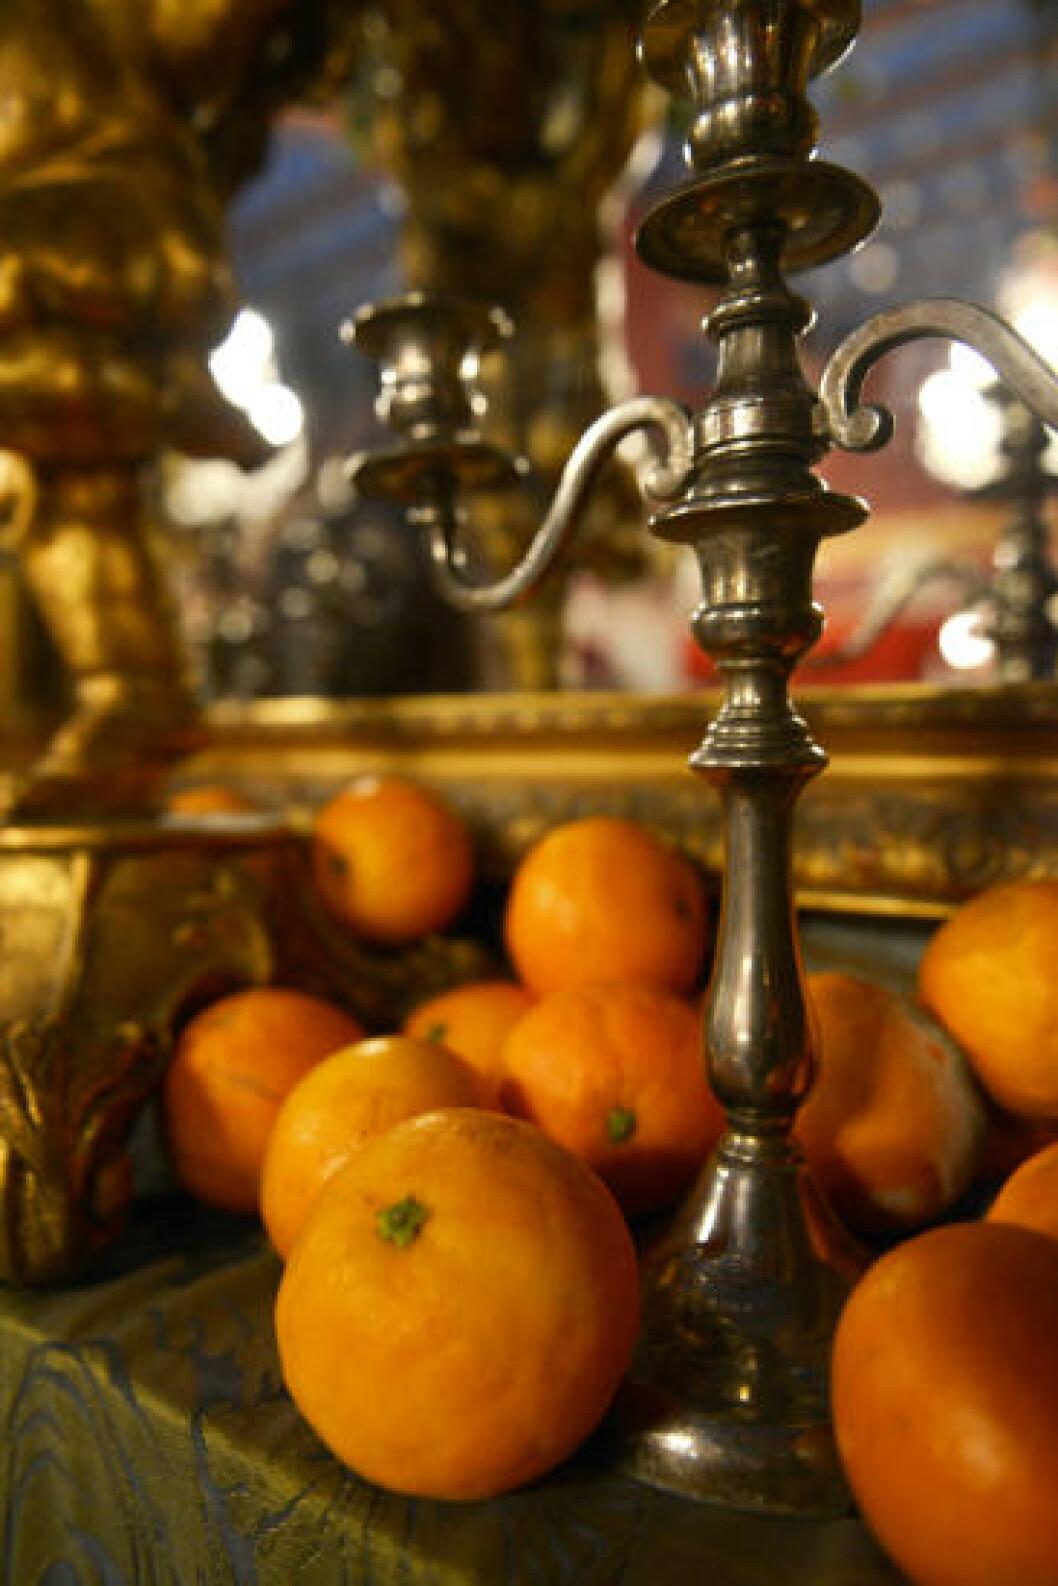 <strong>FERSK FRUKT:</strong> Interiøret i Café de las Horas skal ikke bare se fargerikt ut. Det skal lukte godt også. Derfor er det ferske, ekte appelsiner som ligger som pynt i karmer og på hyller. Foto: GJERMUND GLESNES